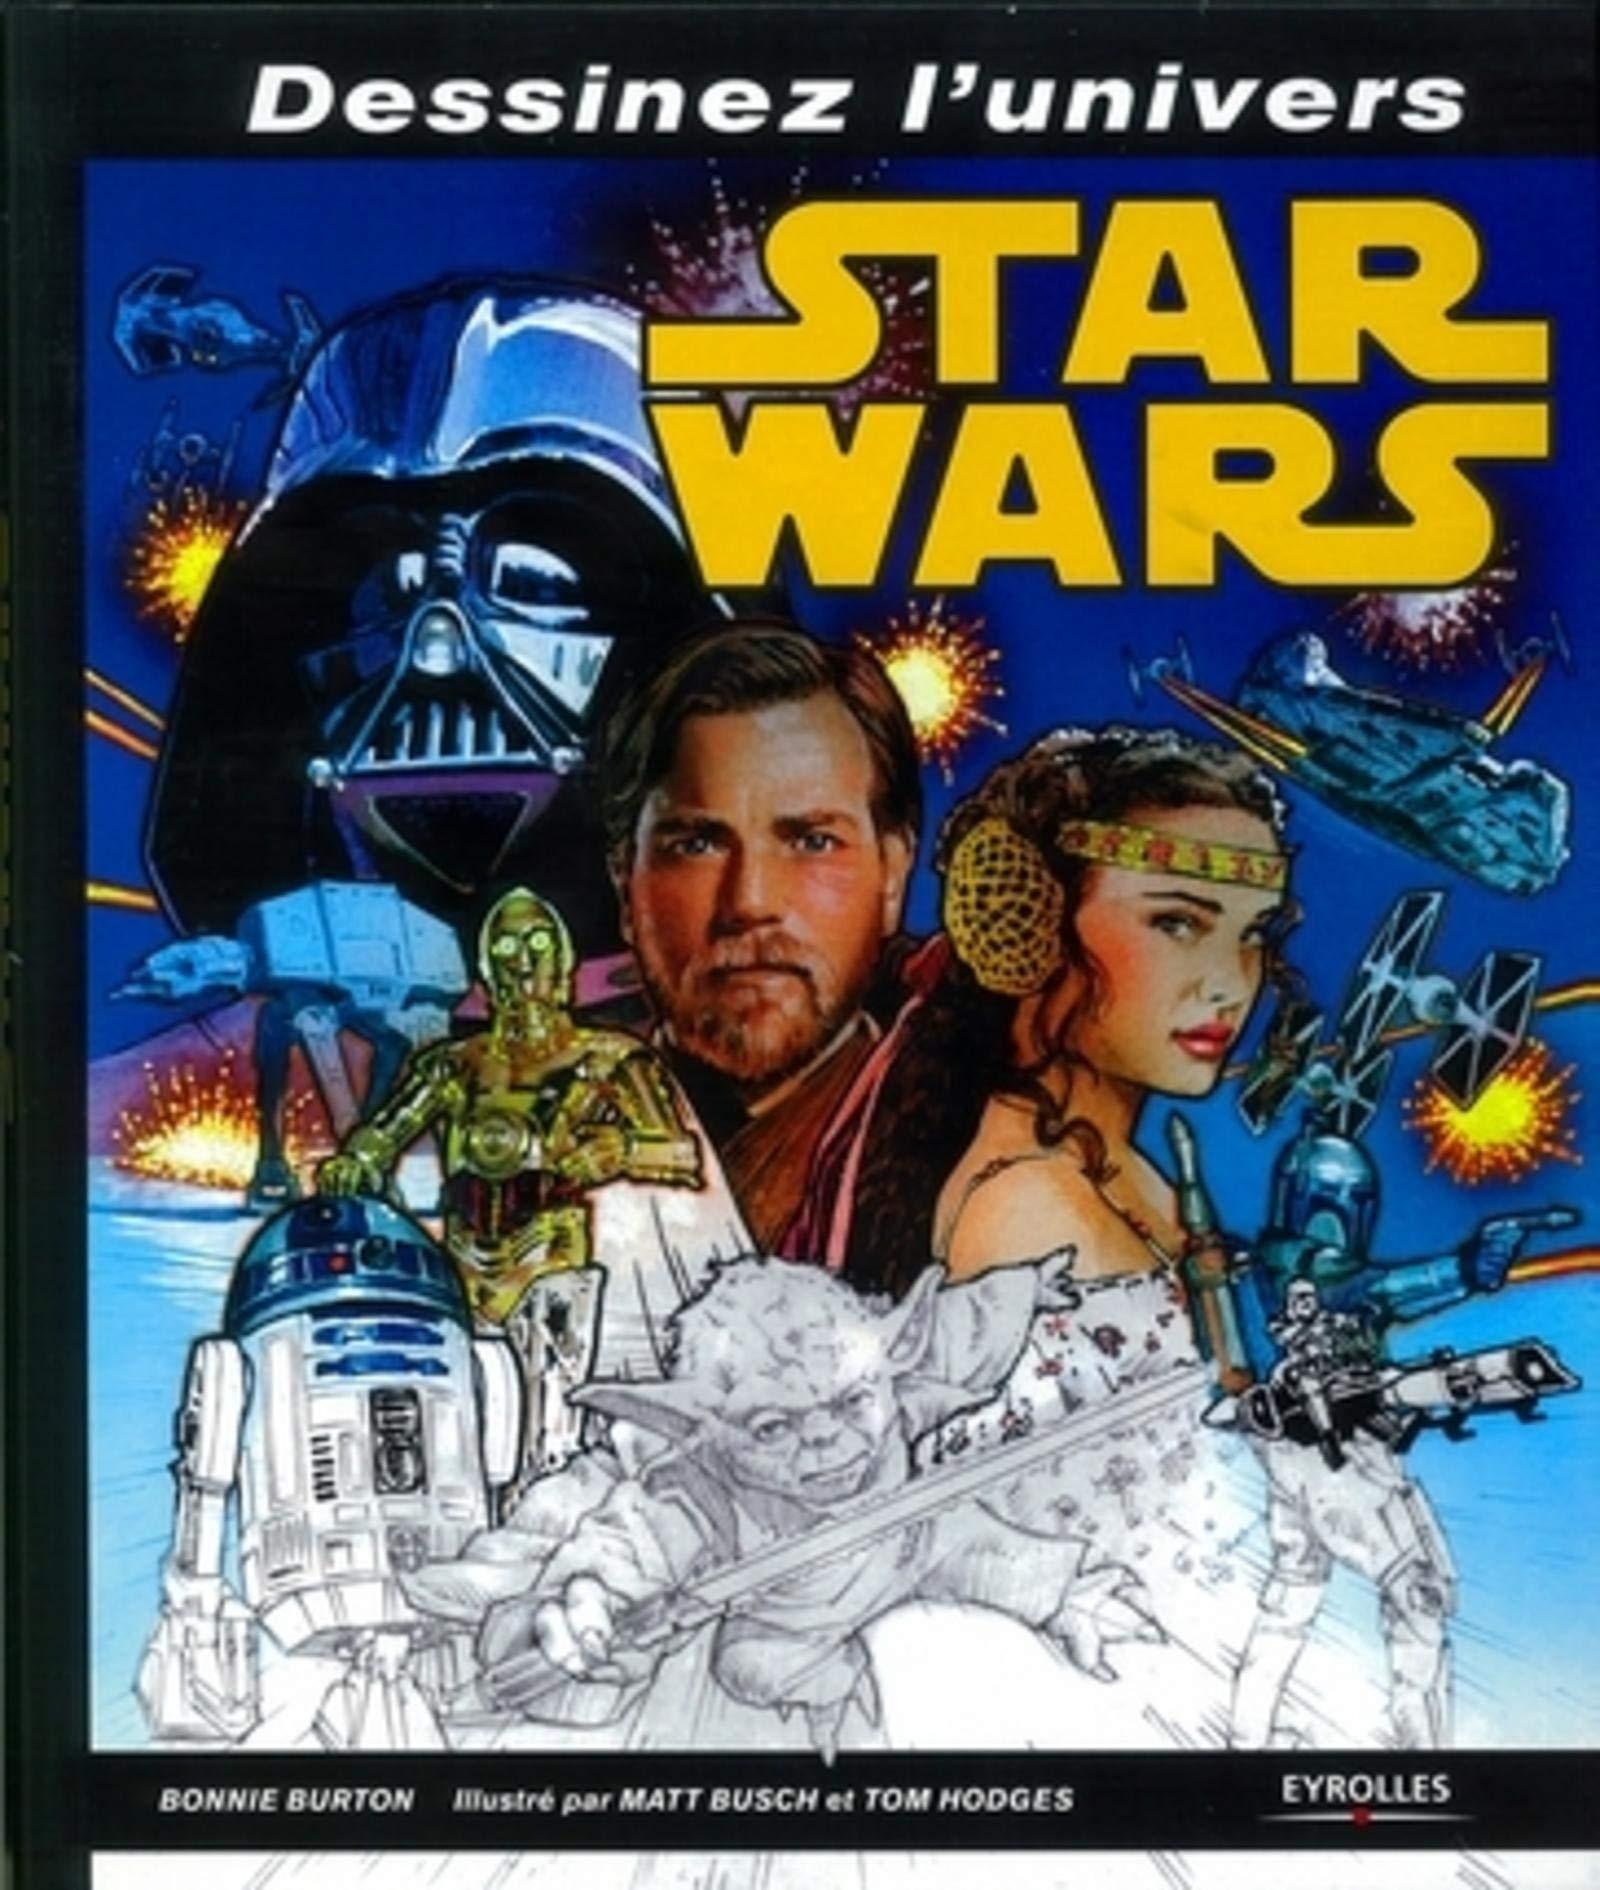 Amazonfr Dessinez Lunivers Star Wars Bonnie Burton